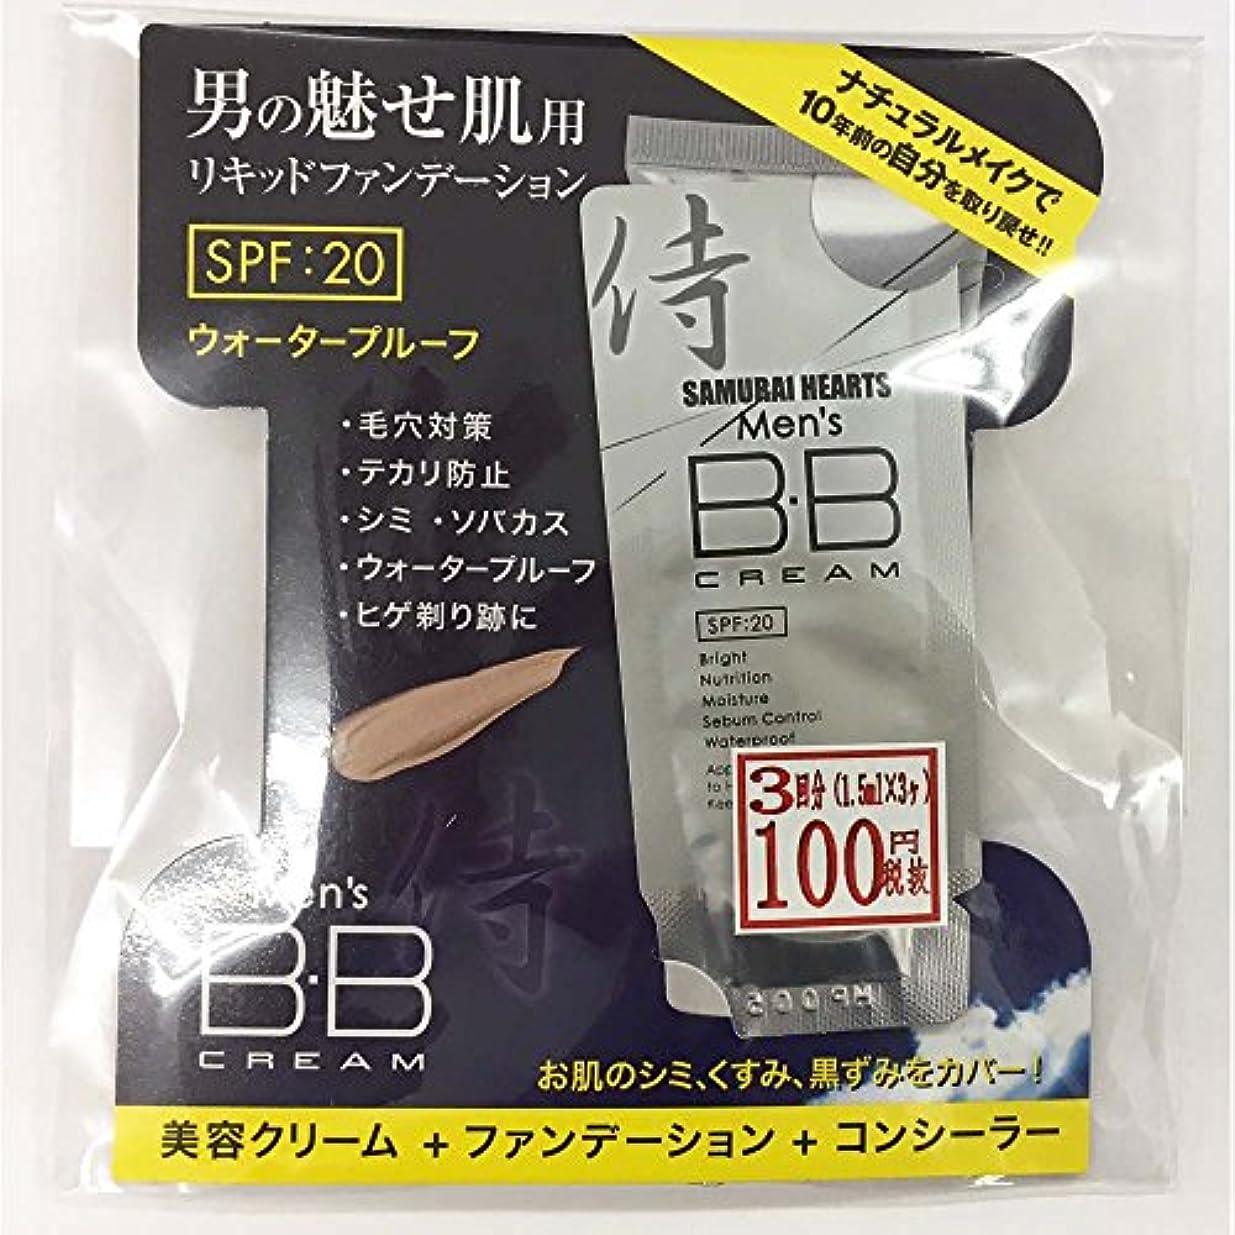 オリエンタル段階フォークサムライハーツ BBクリーム SPF20 パウチ1.5ml 3枚入 お試し用